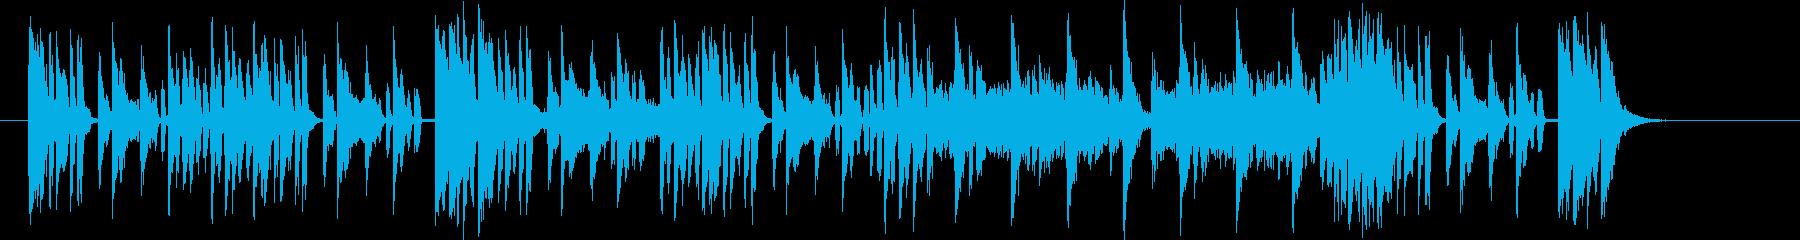 デジタルファンクな30秒BGMの再生済みの波形